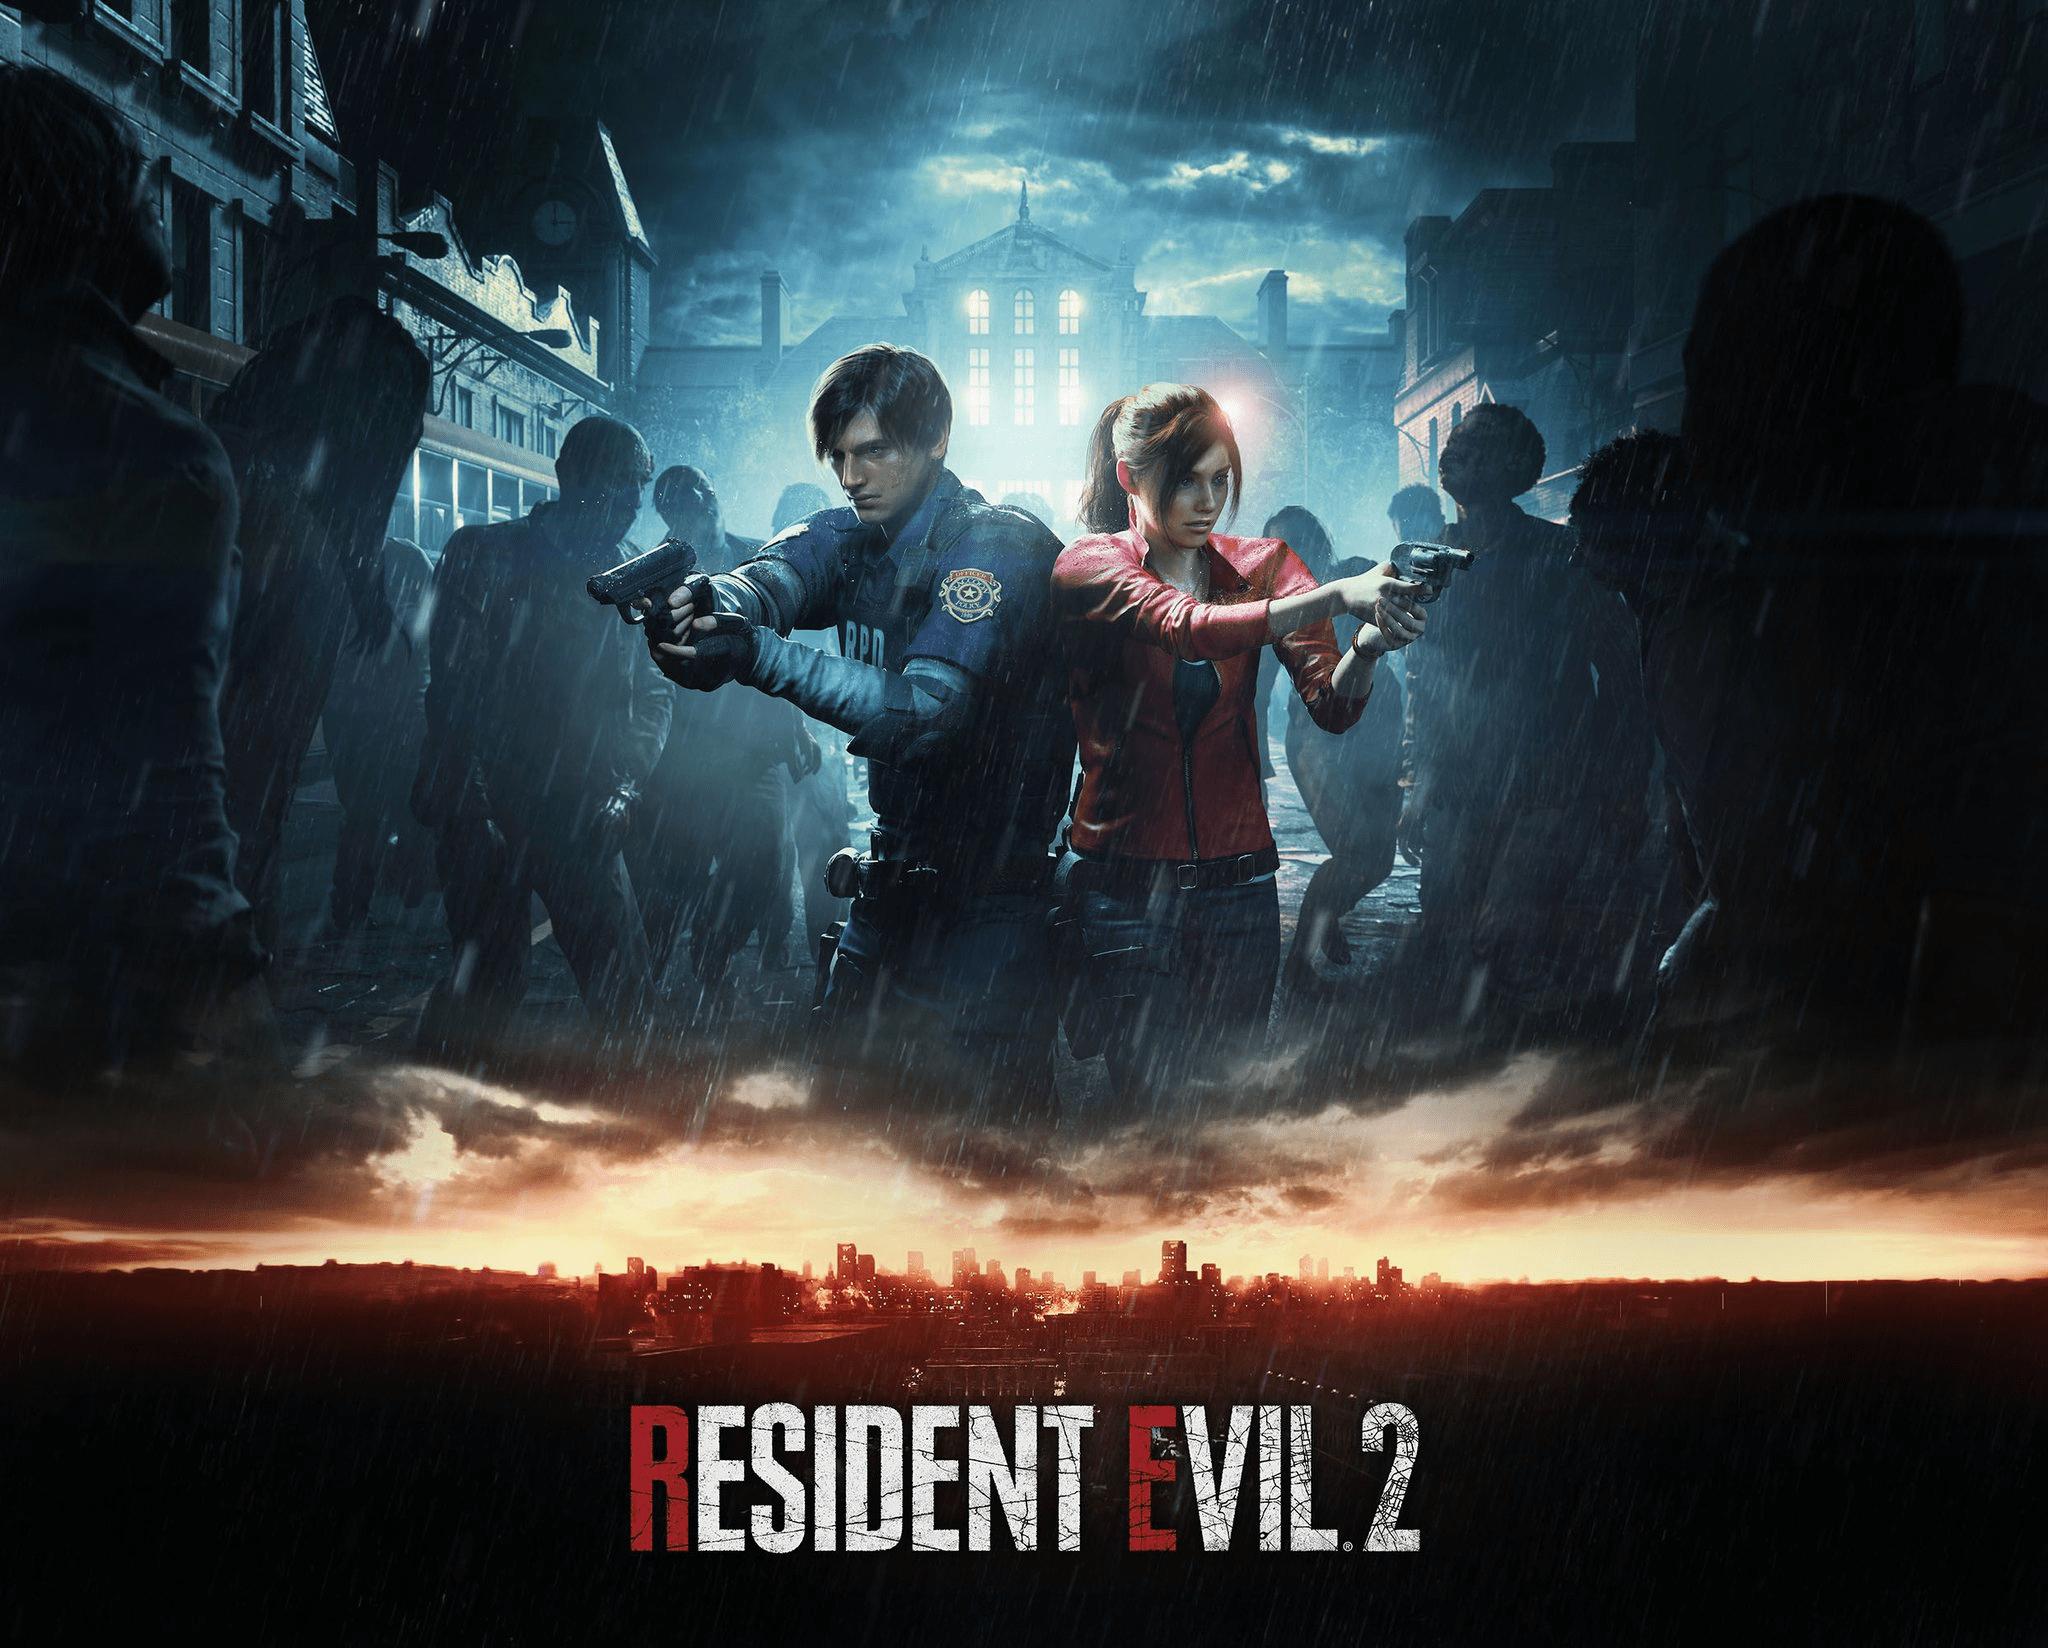 La remake de Resident Evil 2 lanzó nuevos videos a poco tiempo de su lanzamiento oficial